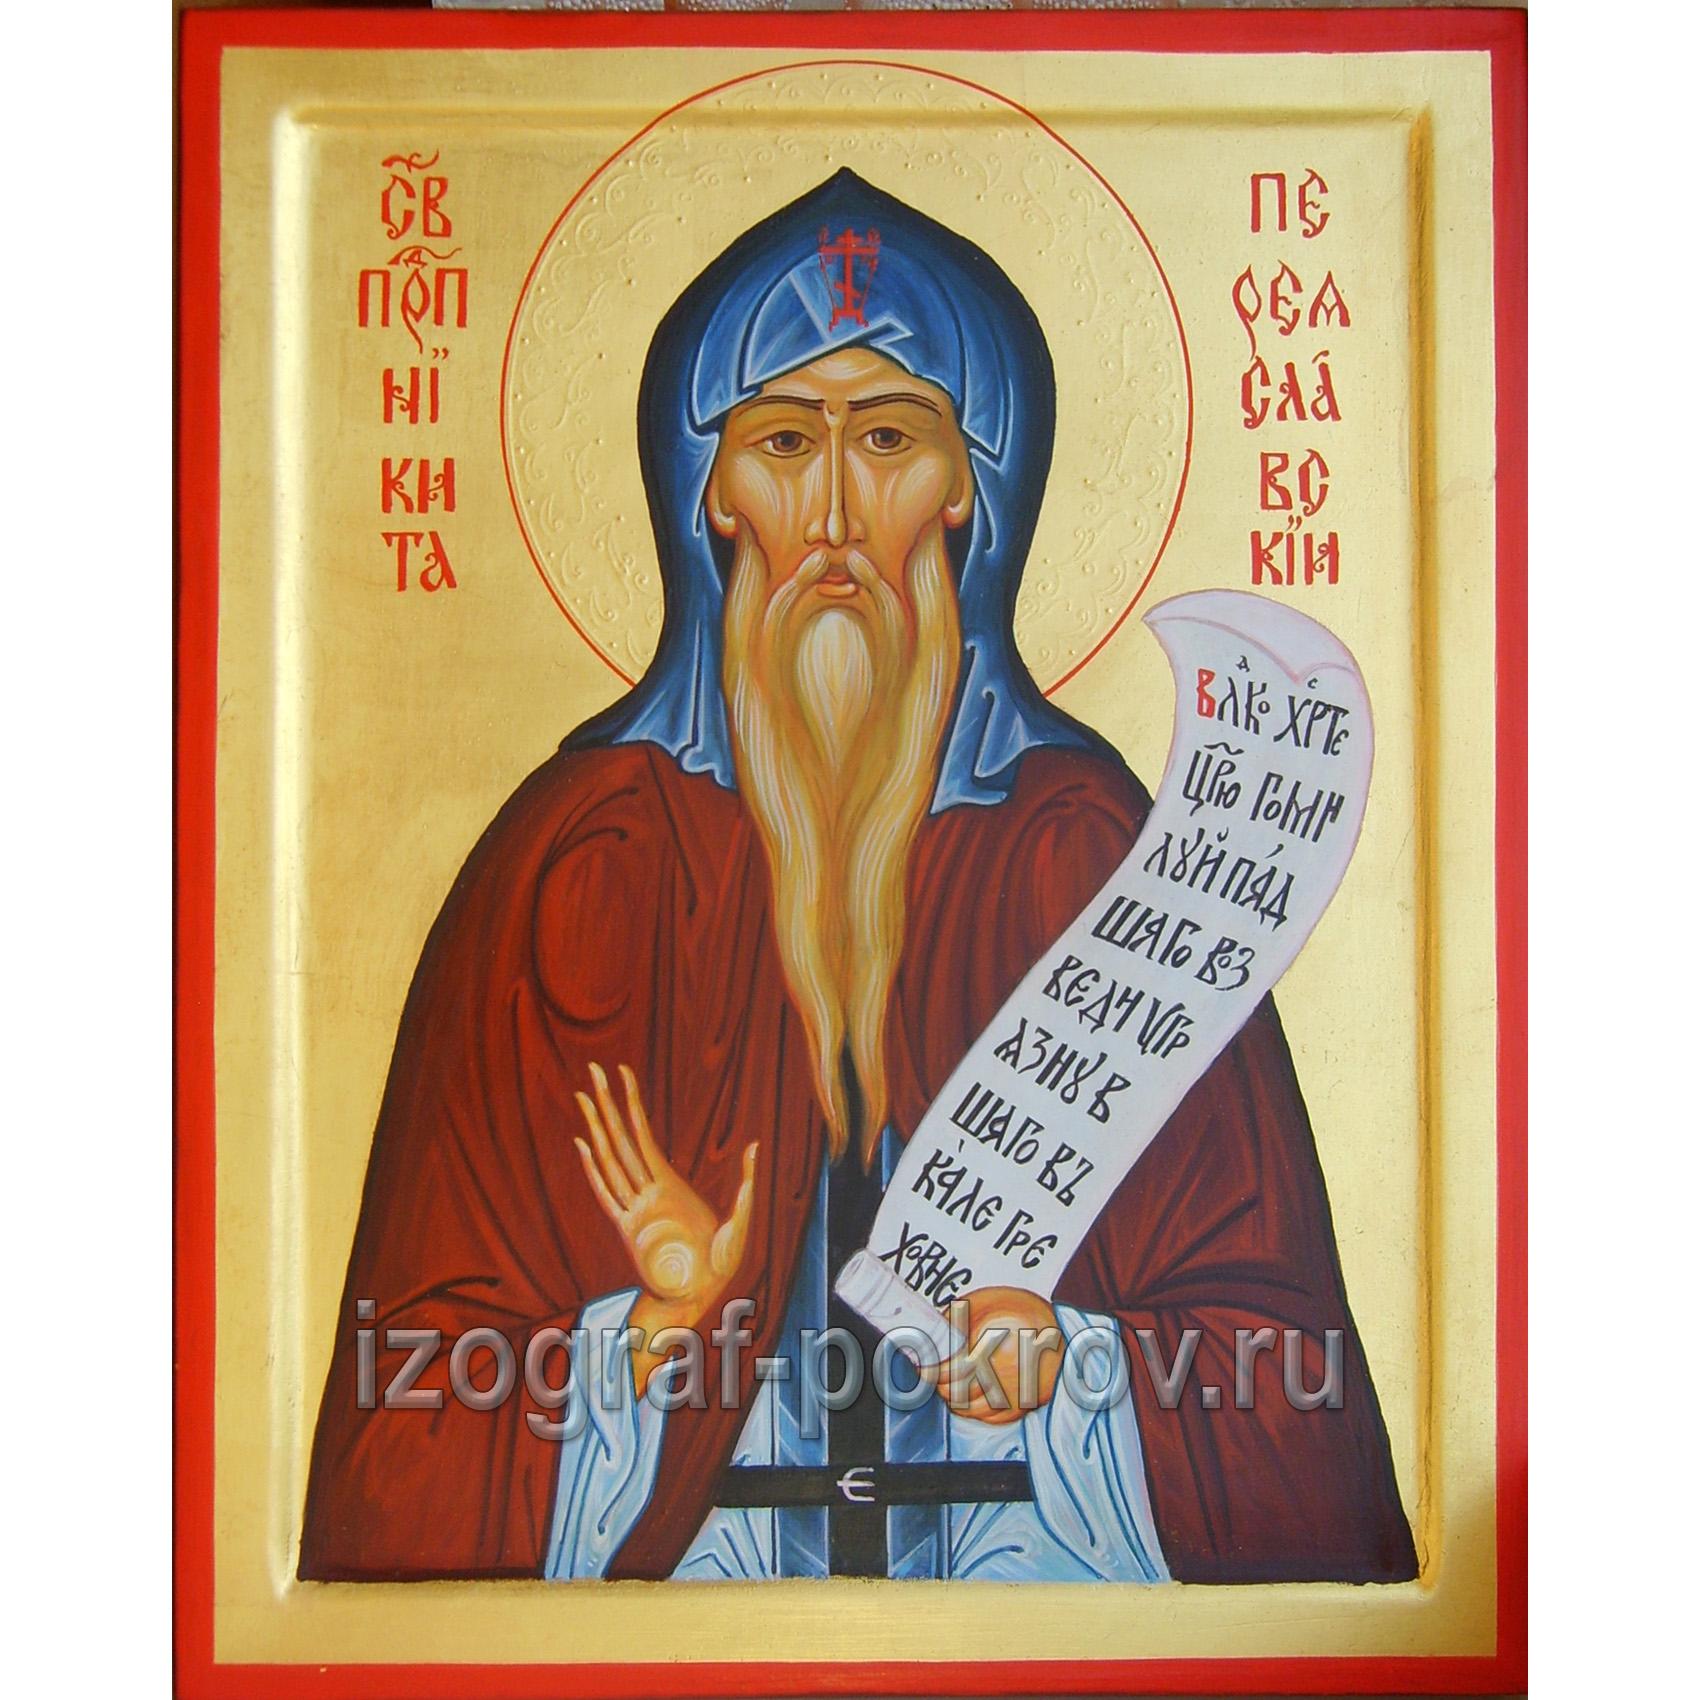 Икона преподобный Никита Столпник Переяславский